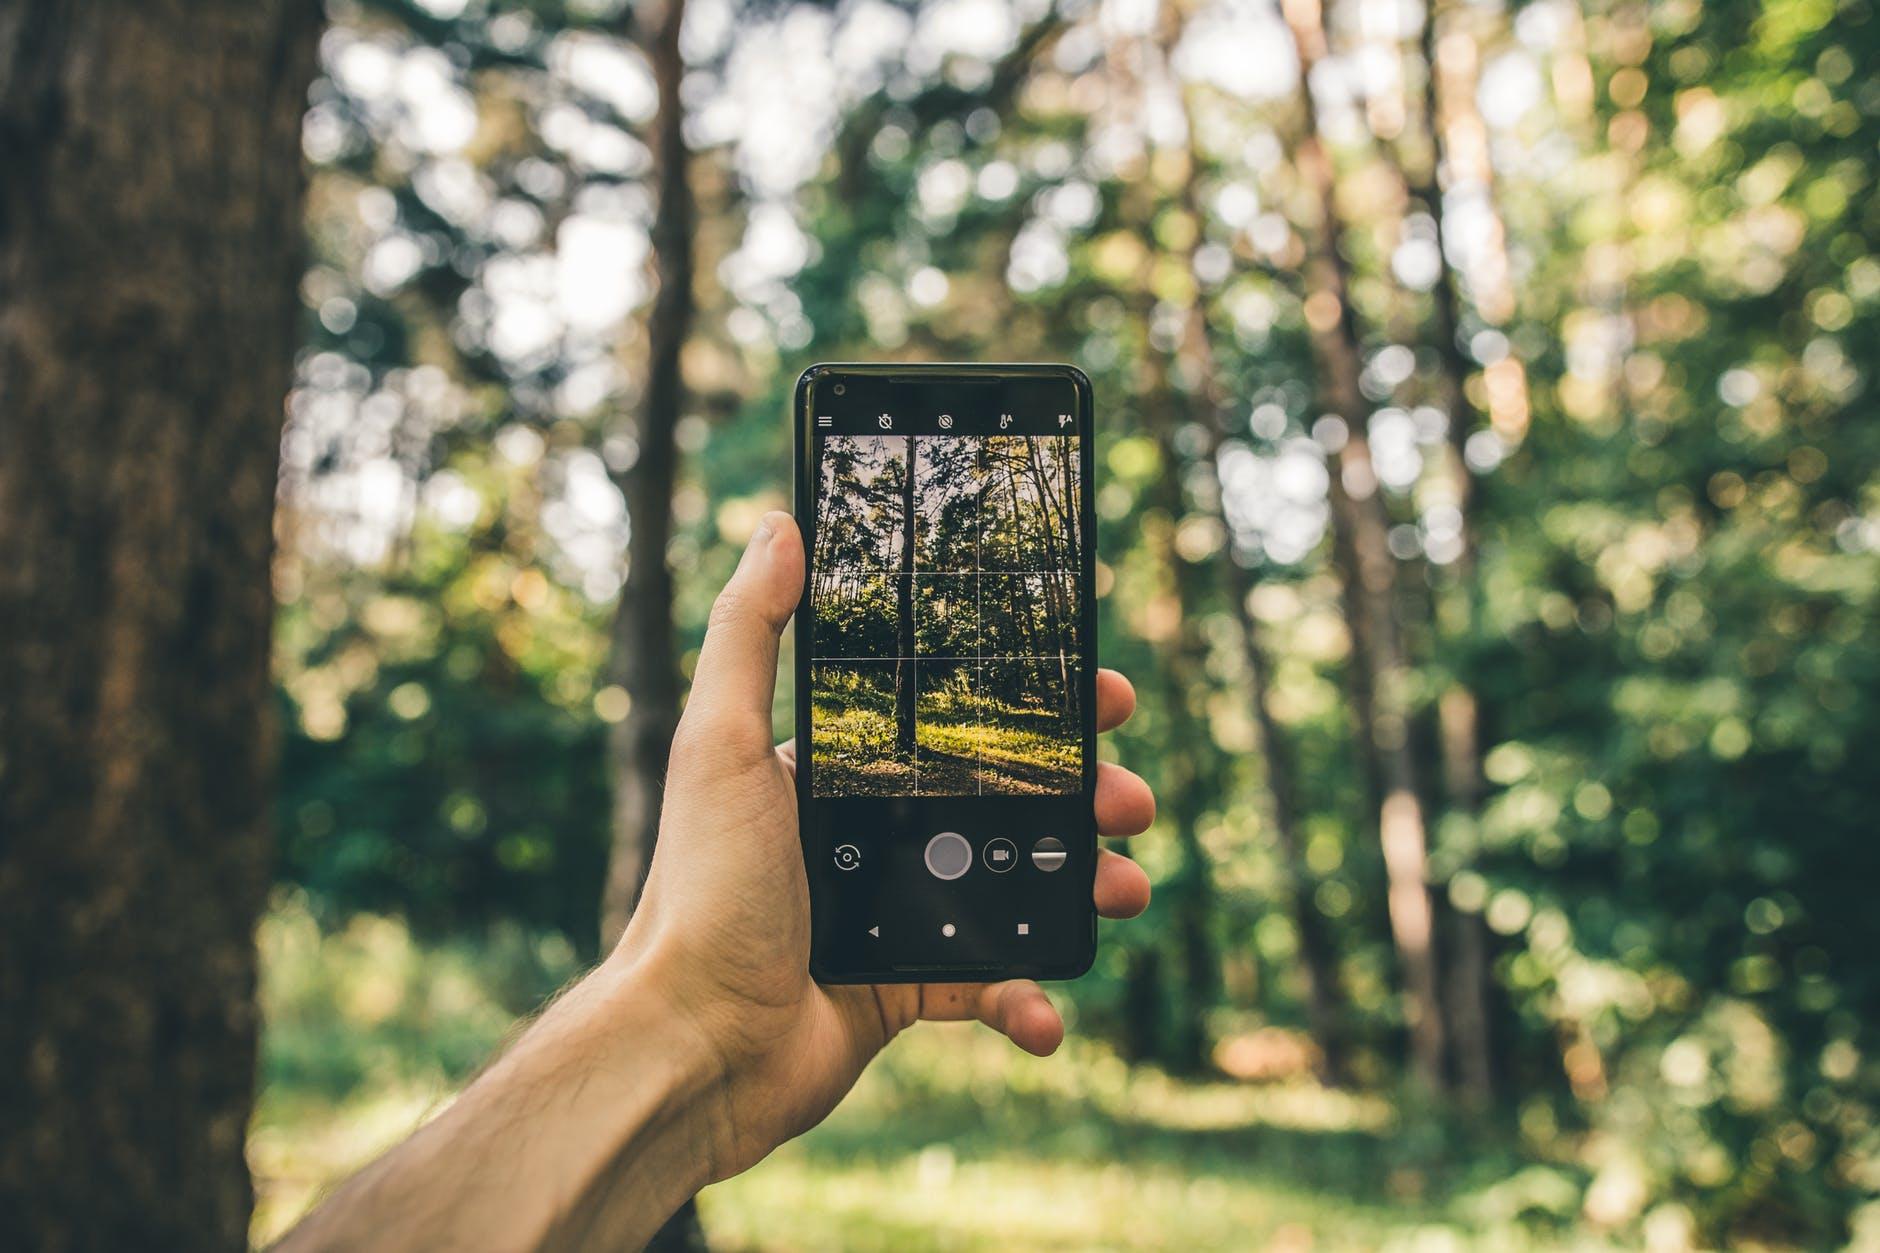 iemand houdt een smartphone in de lucht, in het bos